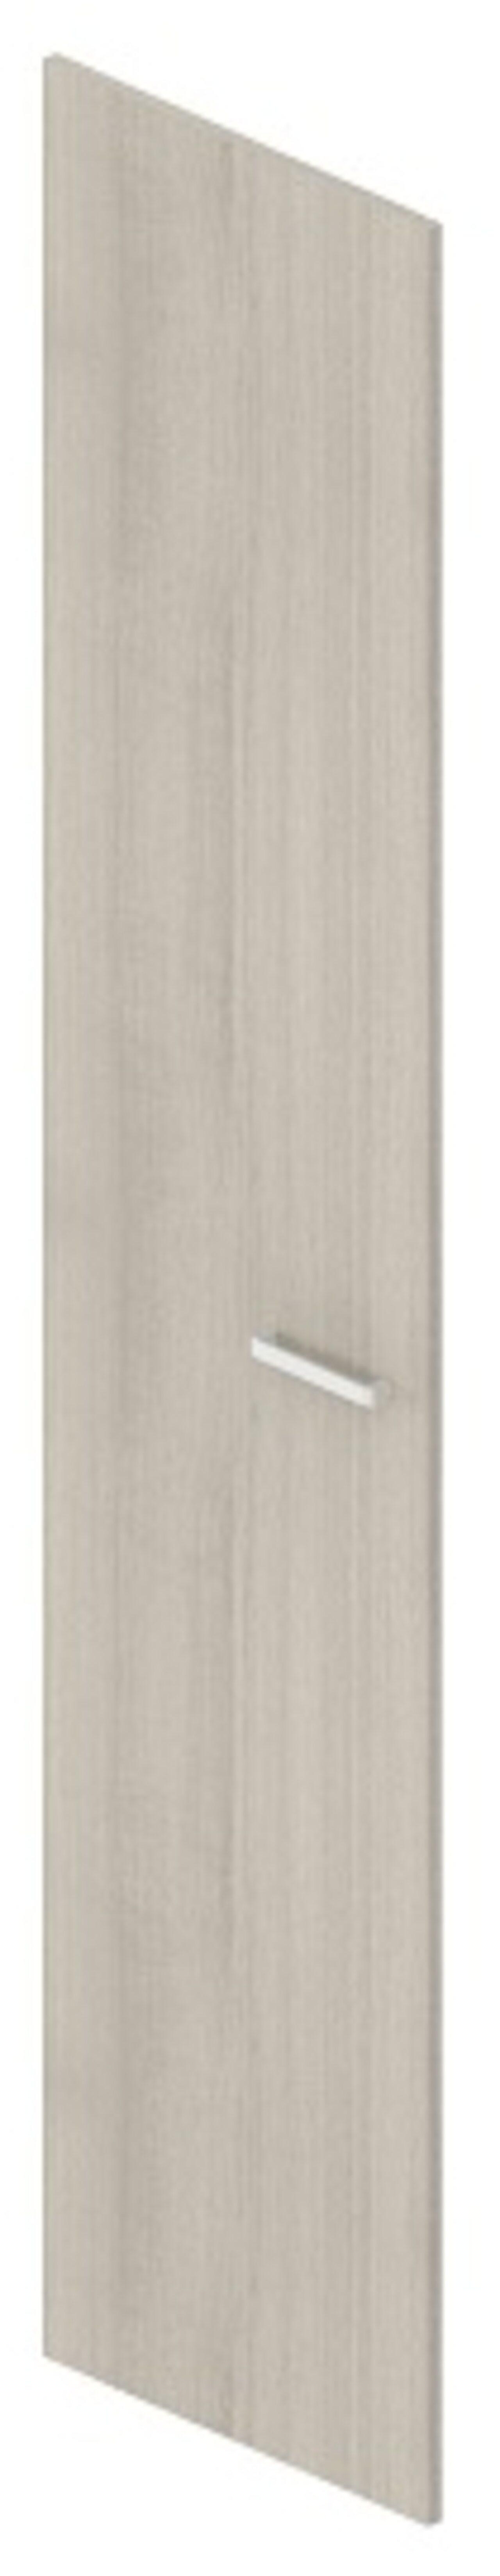 Дверь глухая - фото 3